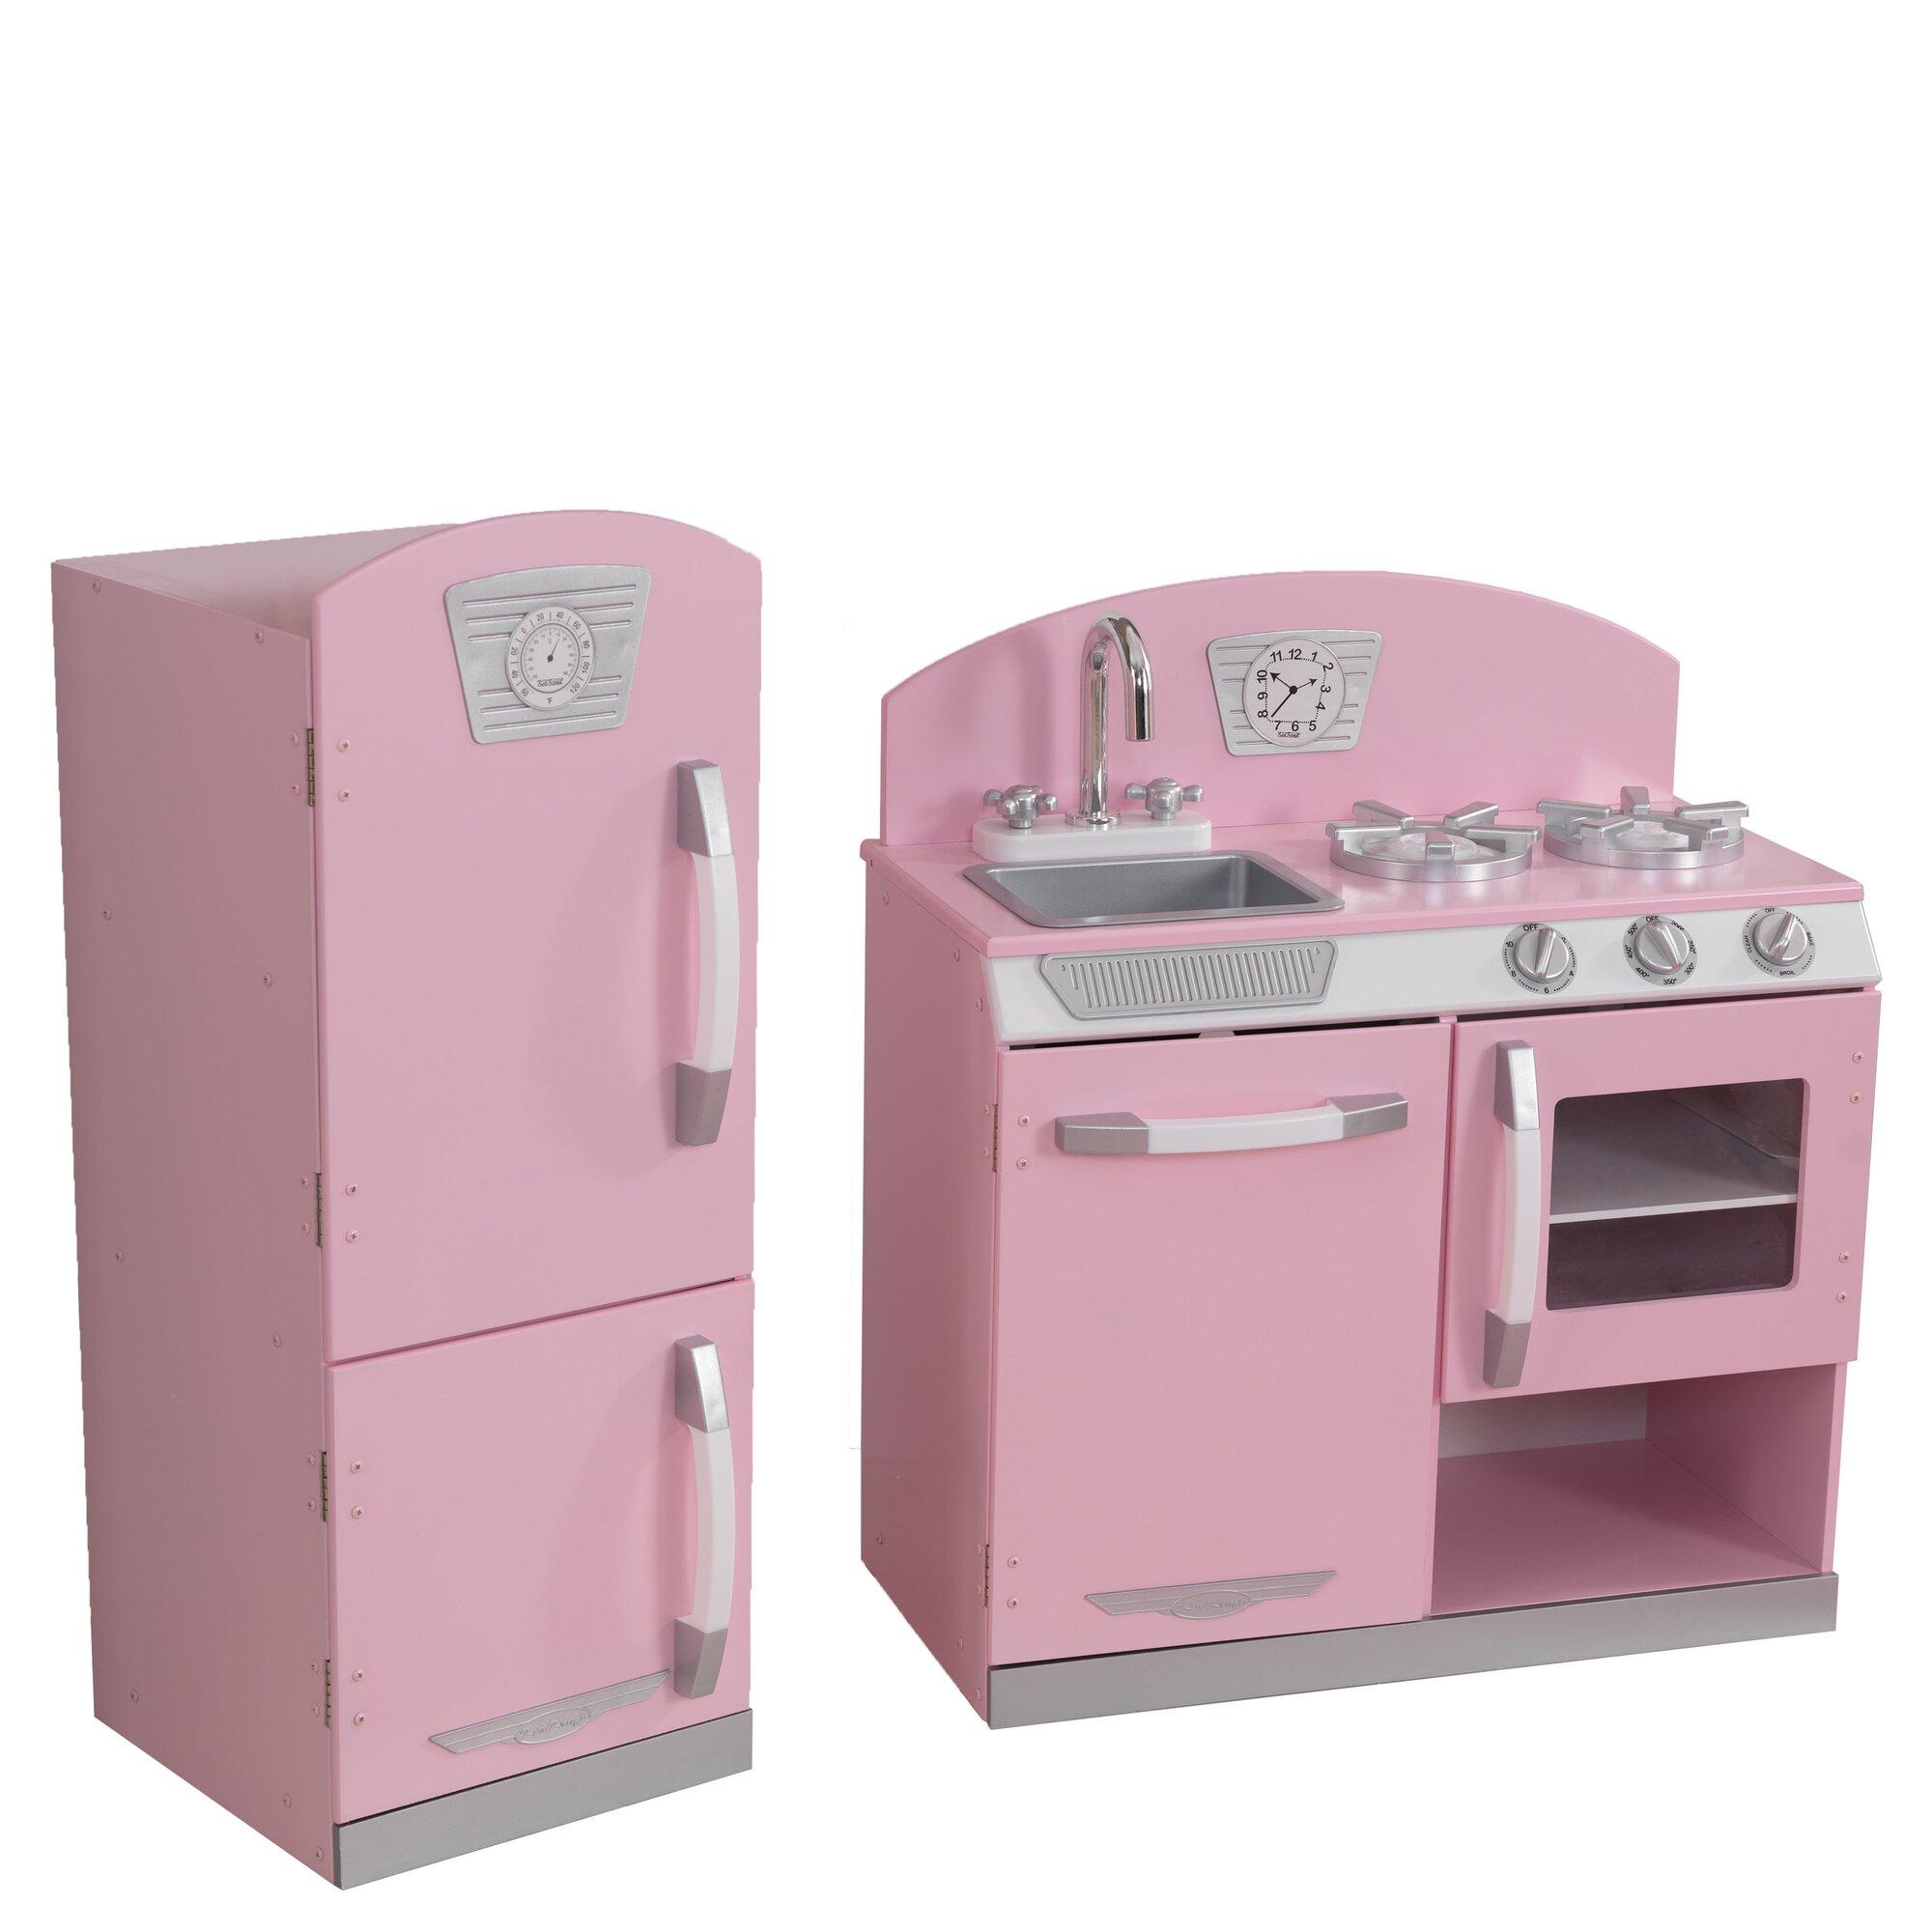 Kidcraft retro kitchen - 2 Piece Retro Kitchen And Refrigerator Set